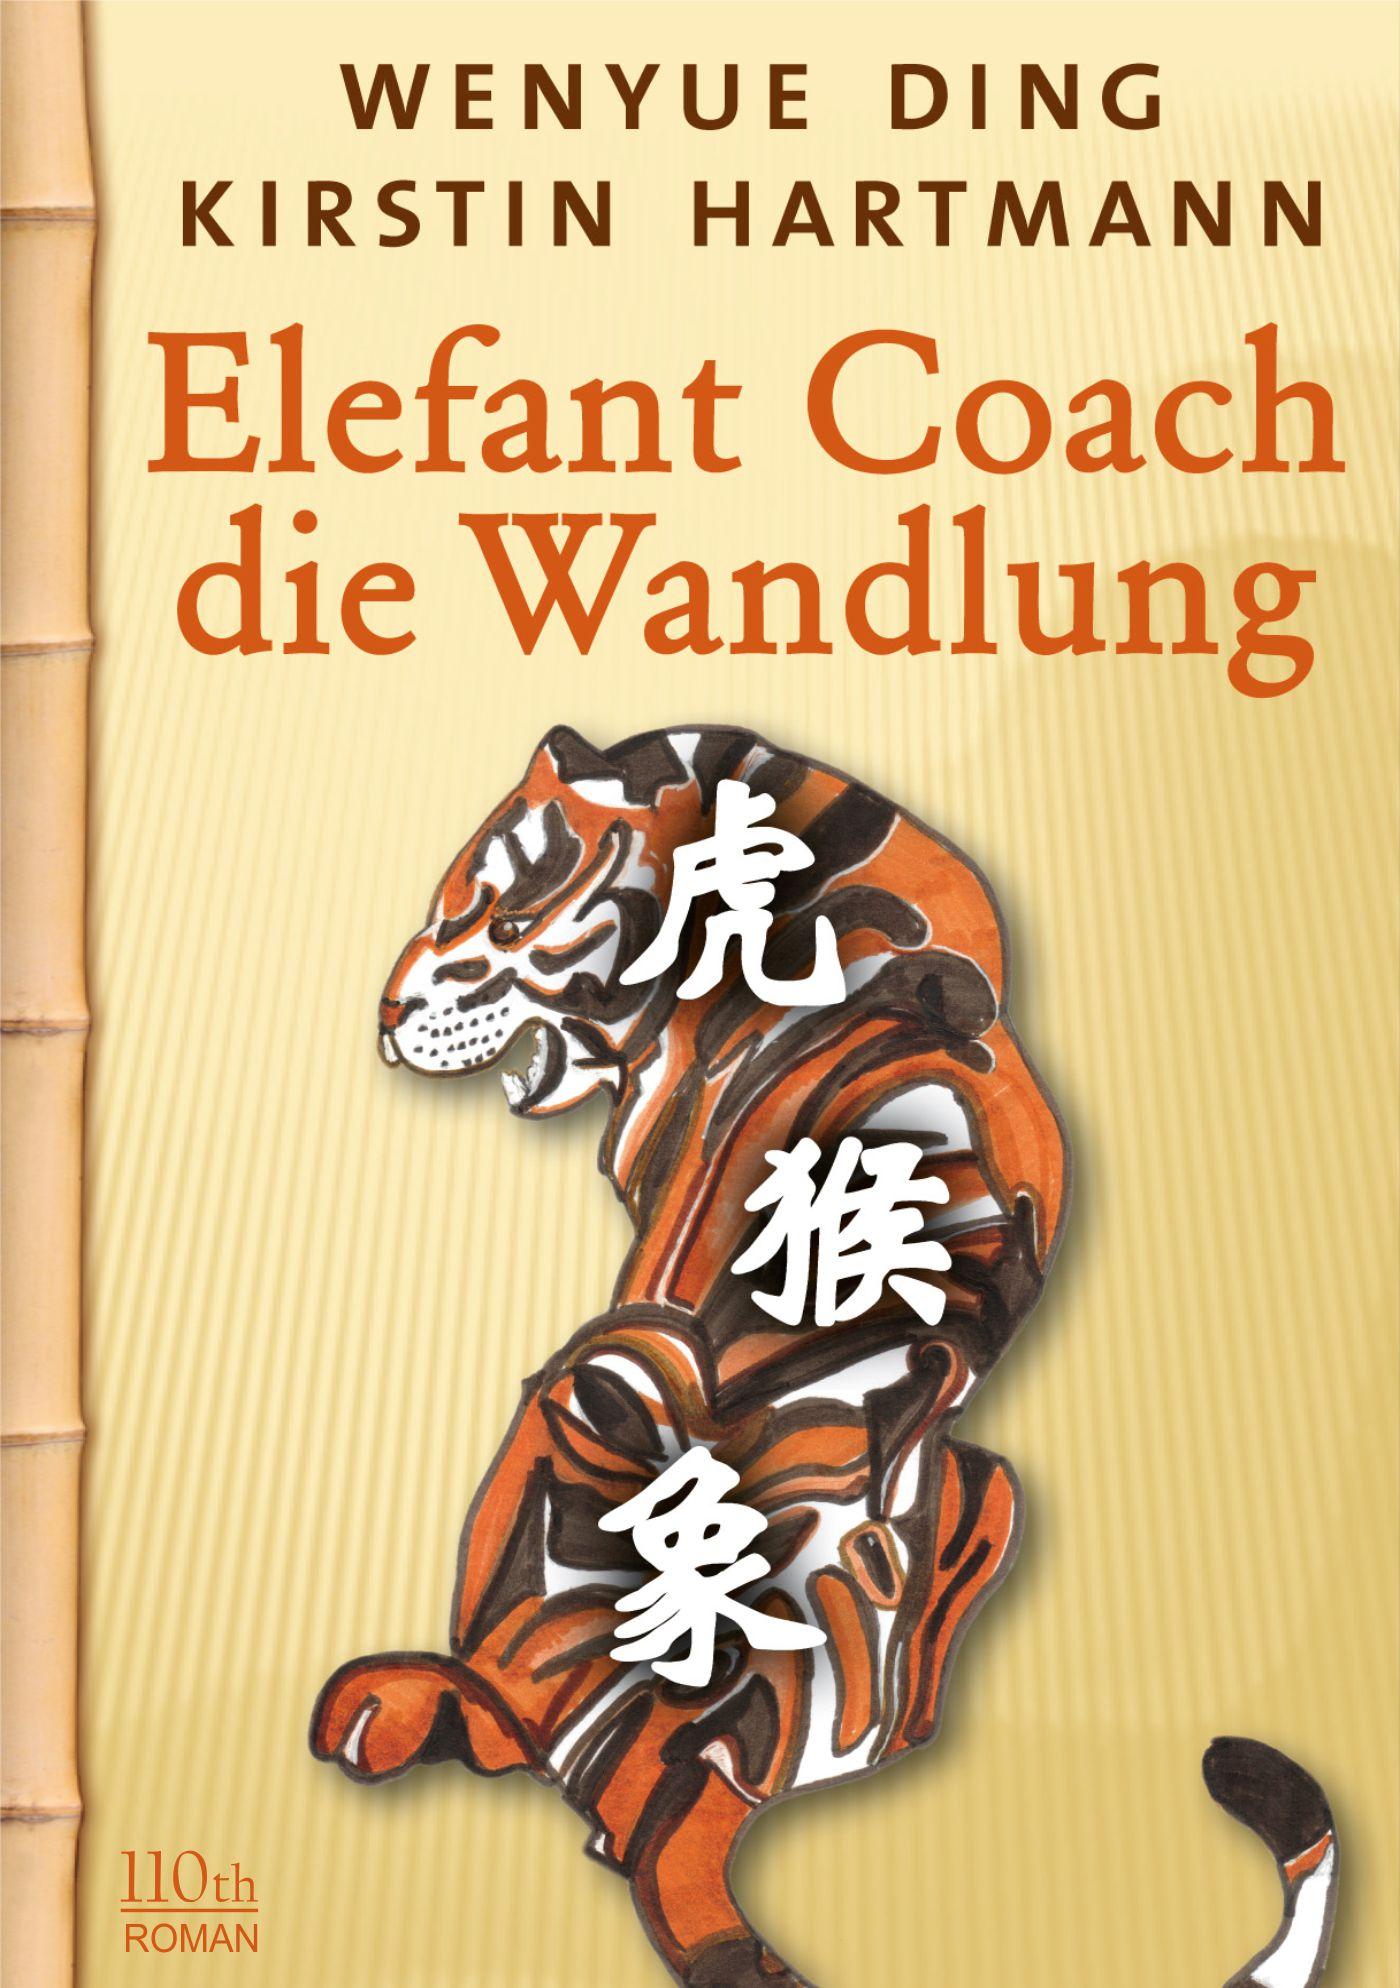 Wenyue Ding Elefant Coach детские ткацкие станки аксессуары ding ding tong diy